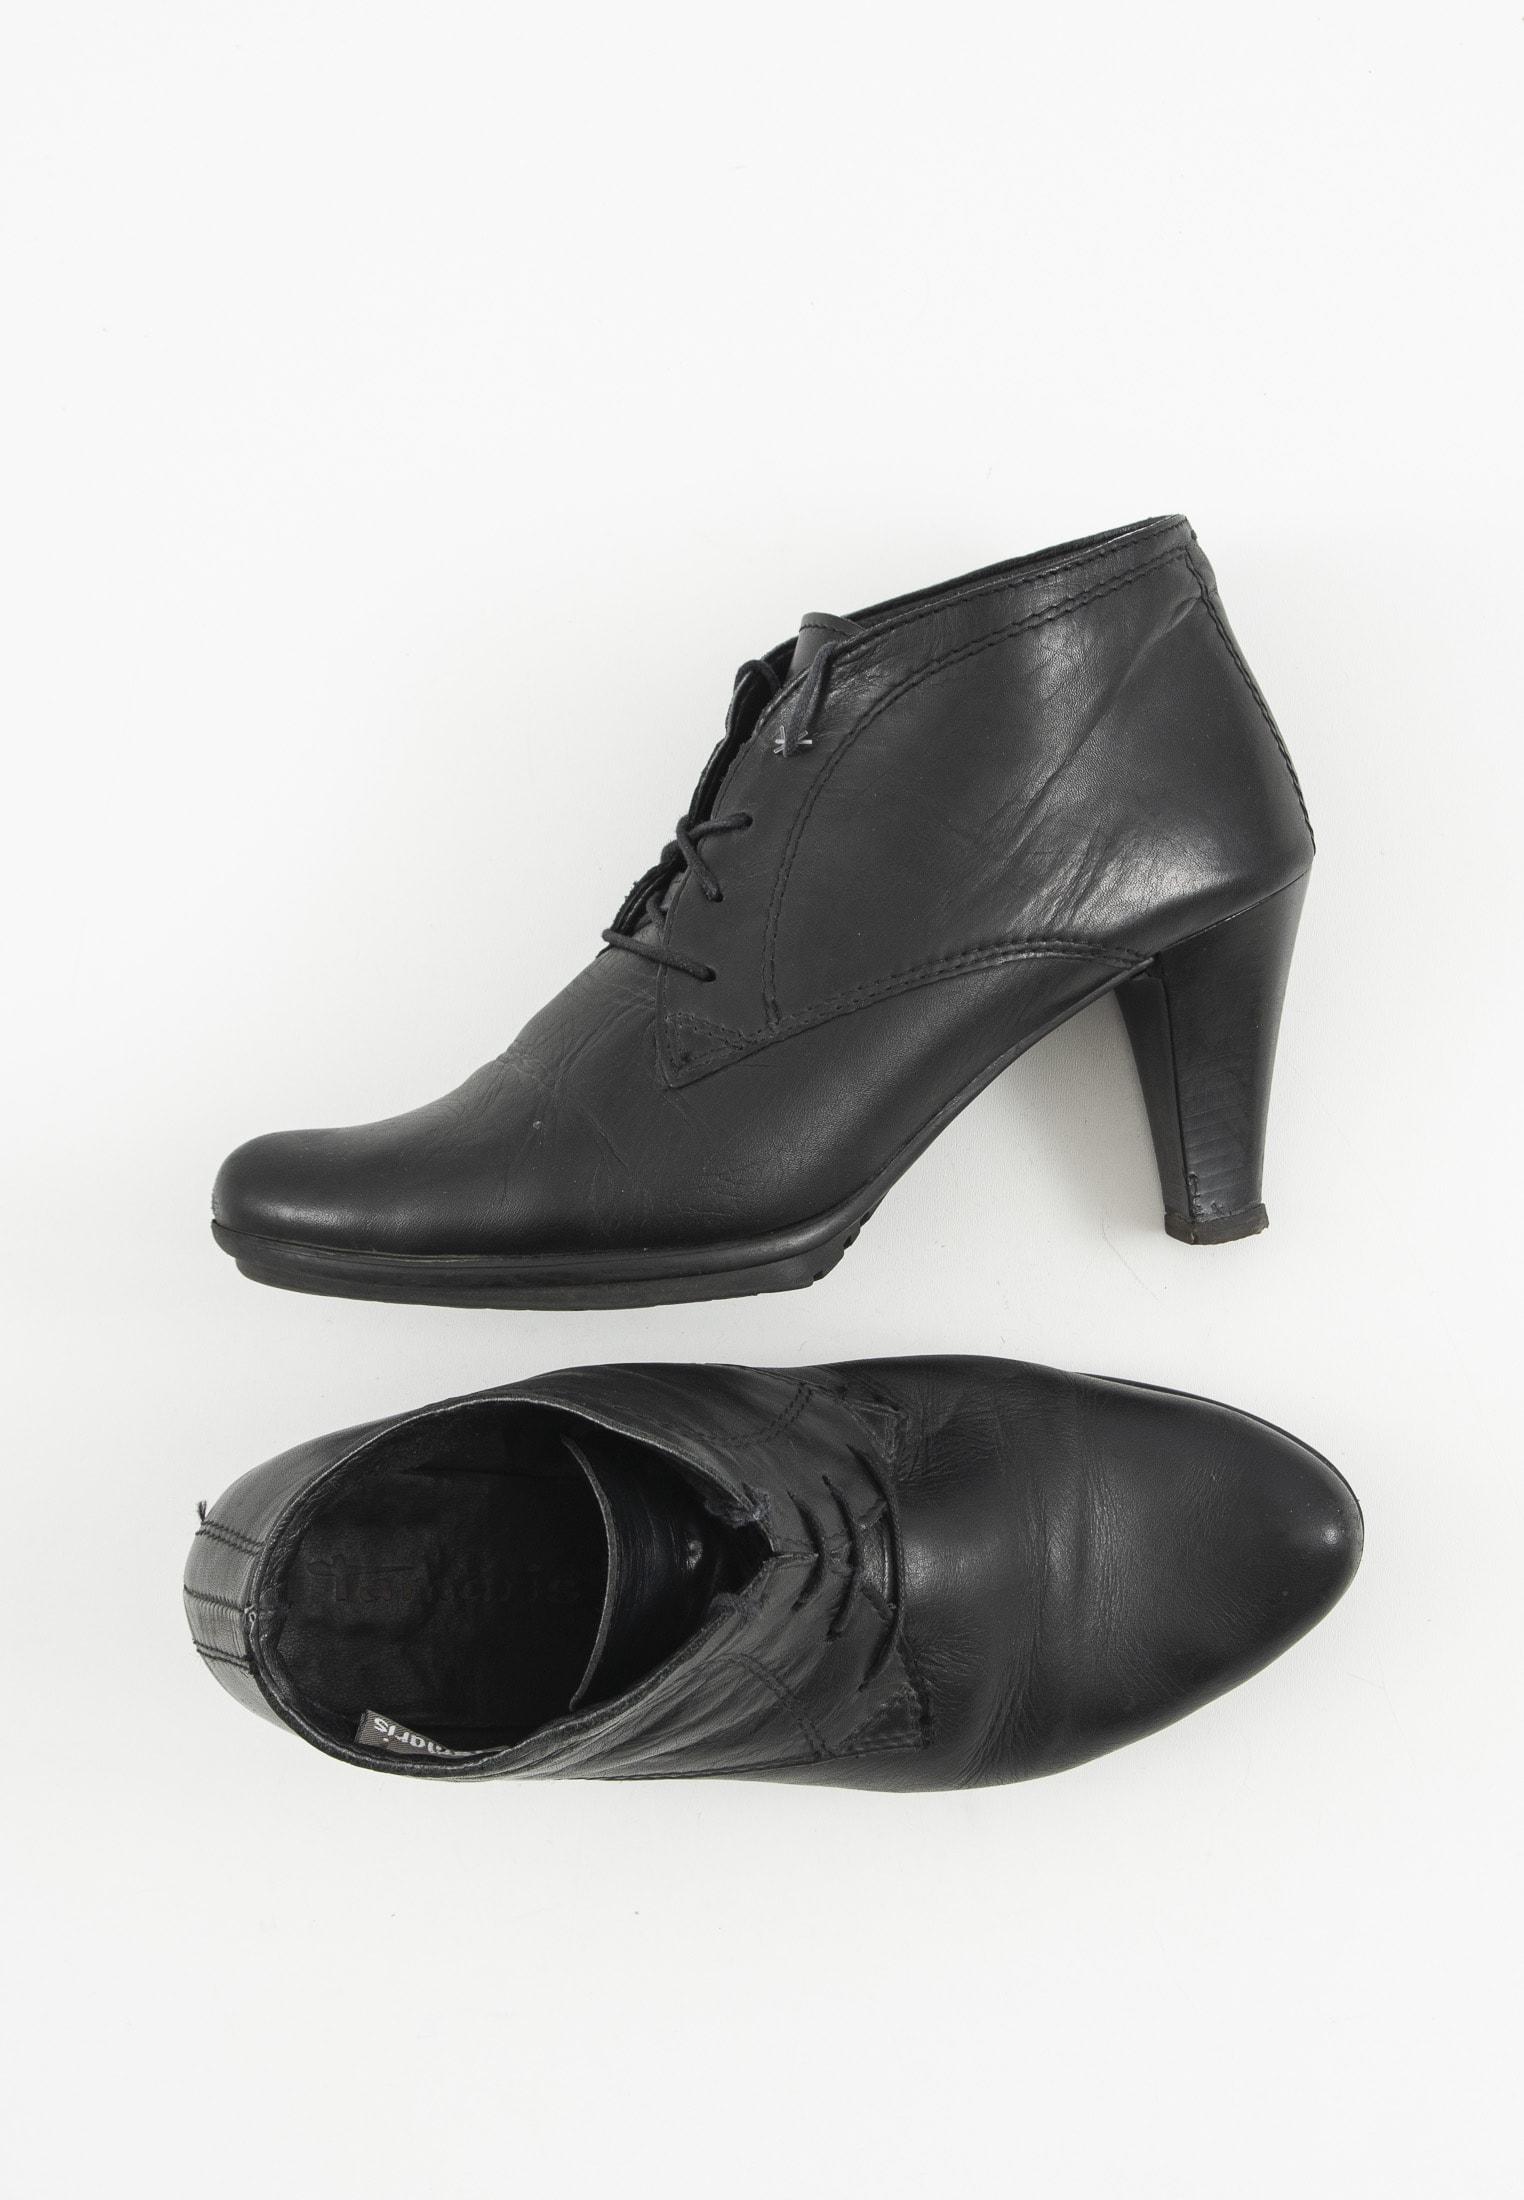 Tamaris Stiefel / Stiefelette / Boots Schwarz Gr.40